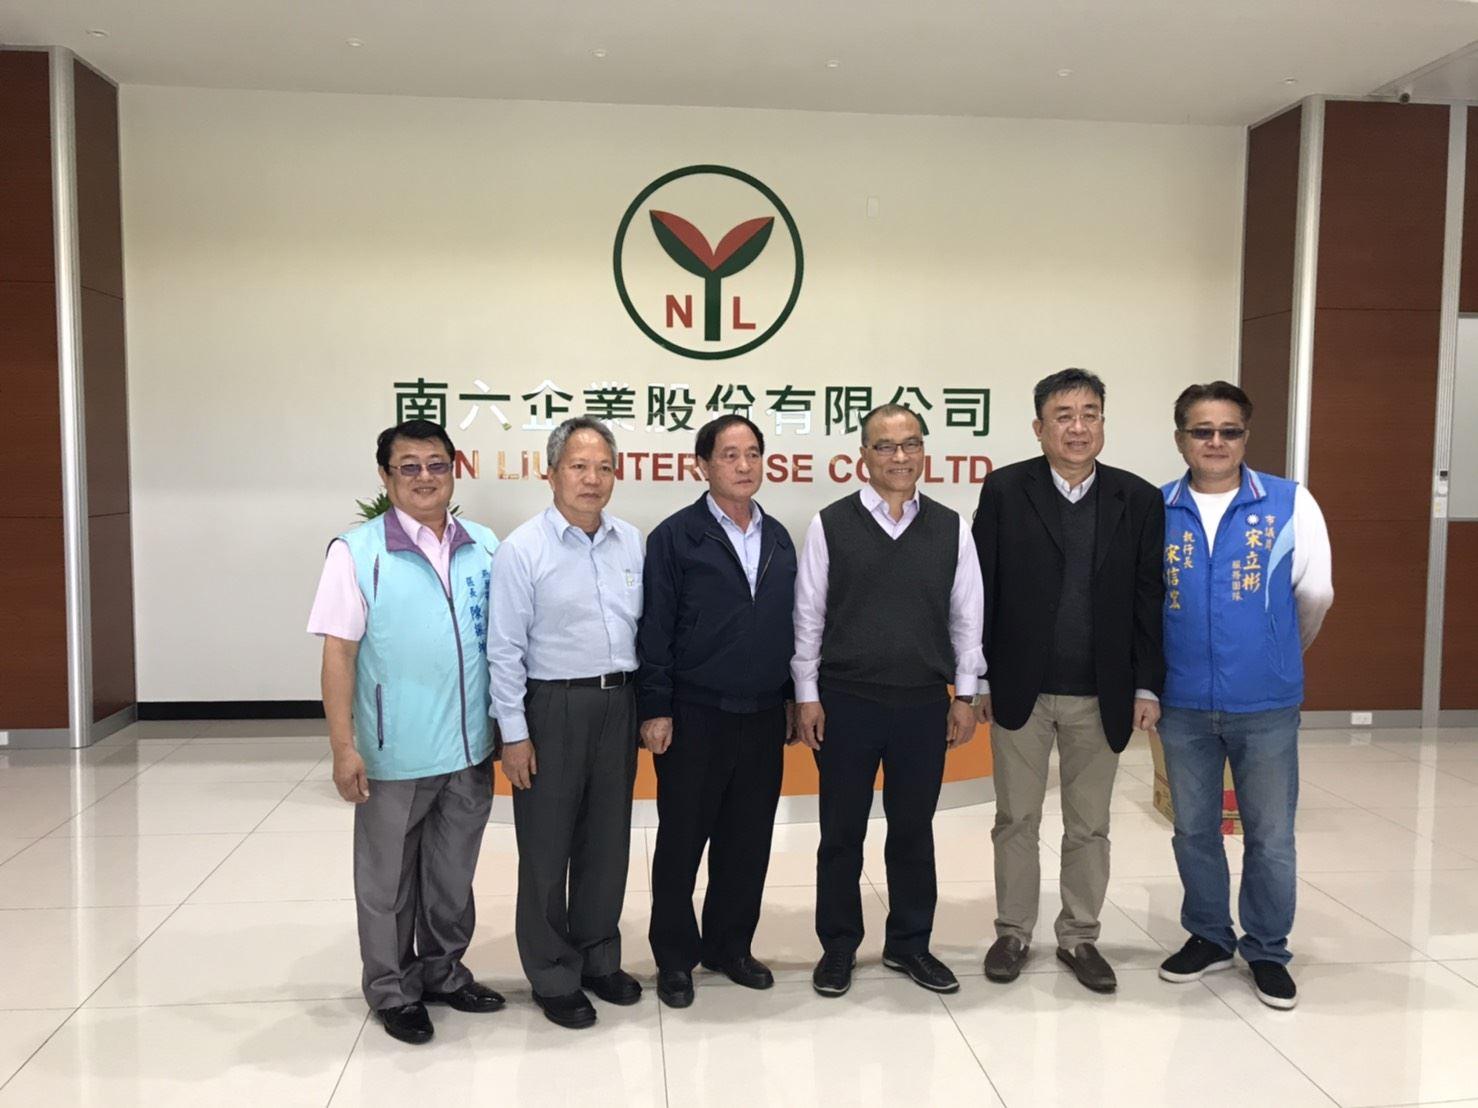 葉匡時副市長訪視亞洲前三大不織布工廠南六企業 與廠商攜手守護市民健康